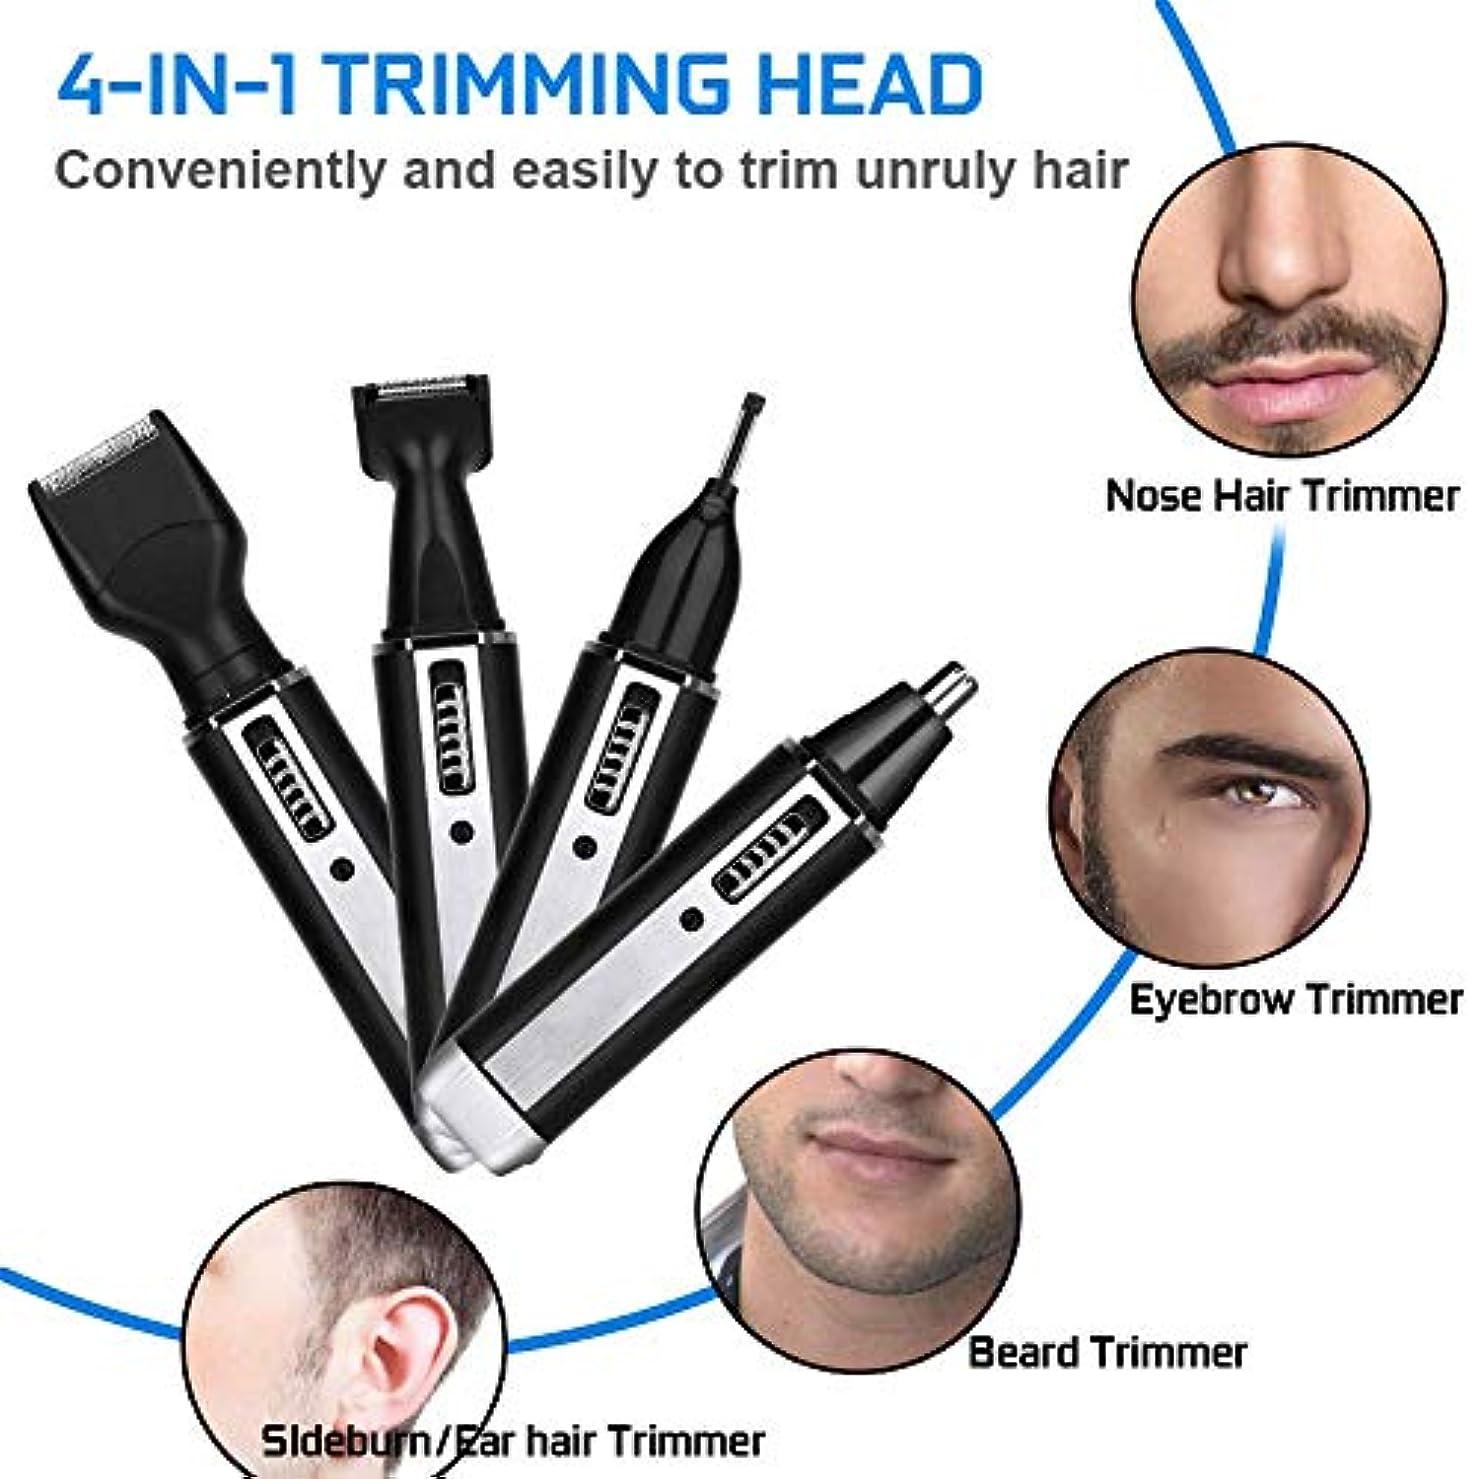 財政賢明な位置する鼻毛トリマー - 4in1多機能 ステンレス製 鼻?耳毛カッター 眉シェーバー 耳毛カッター 充電式 女兼用携帯便利